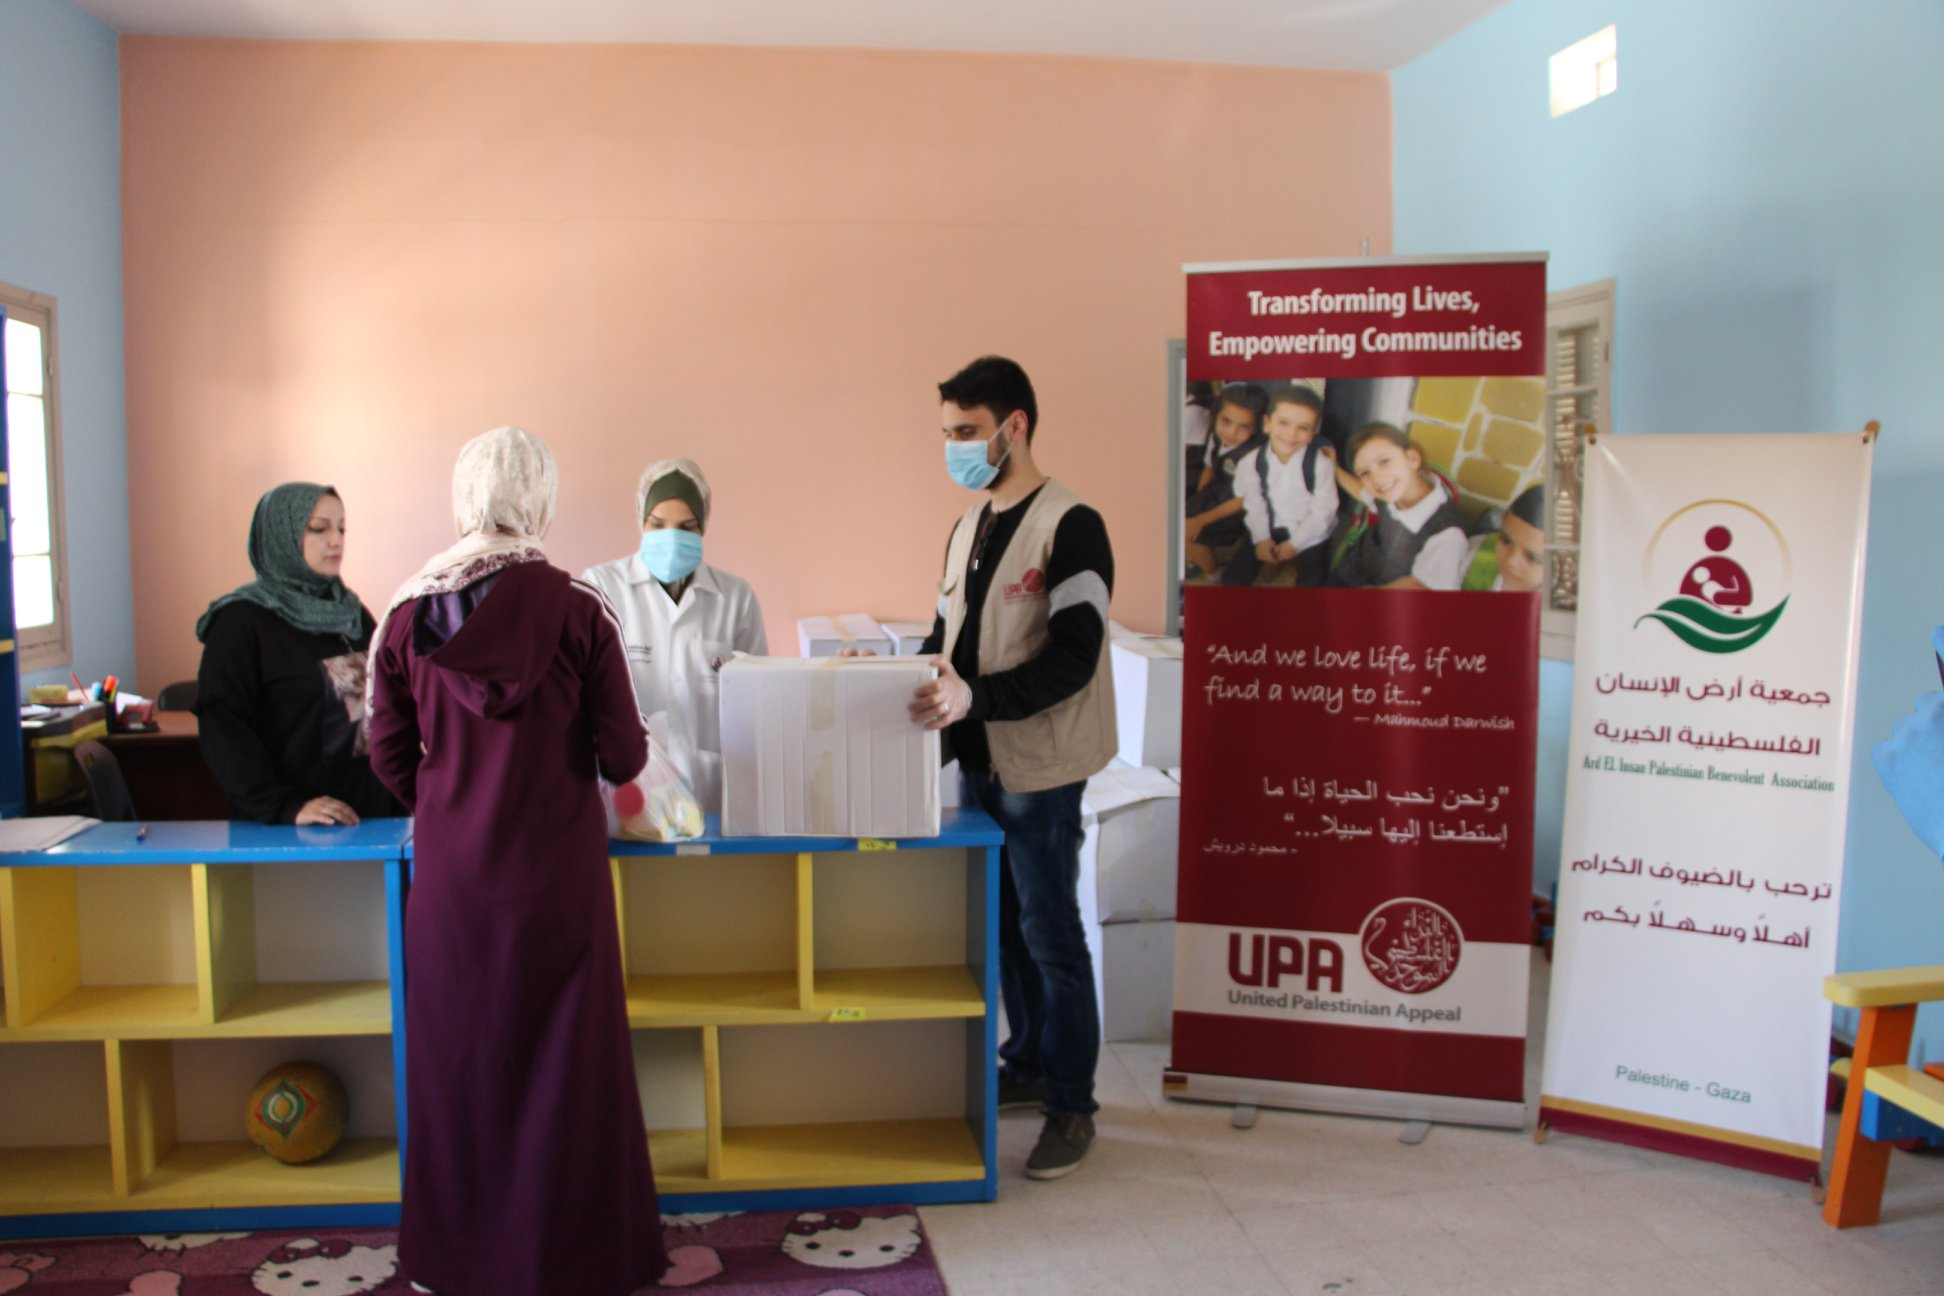 جمعية أرض الانسان الفلسطينية توزع مخصصات لبعض حالات السيلياك الأشد عوزا